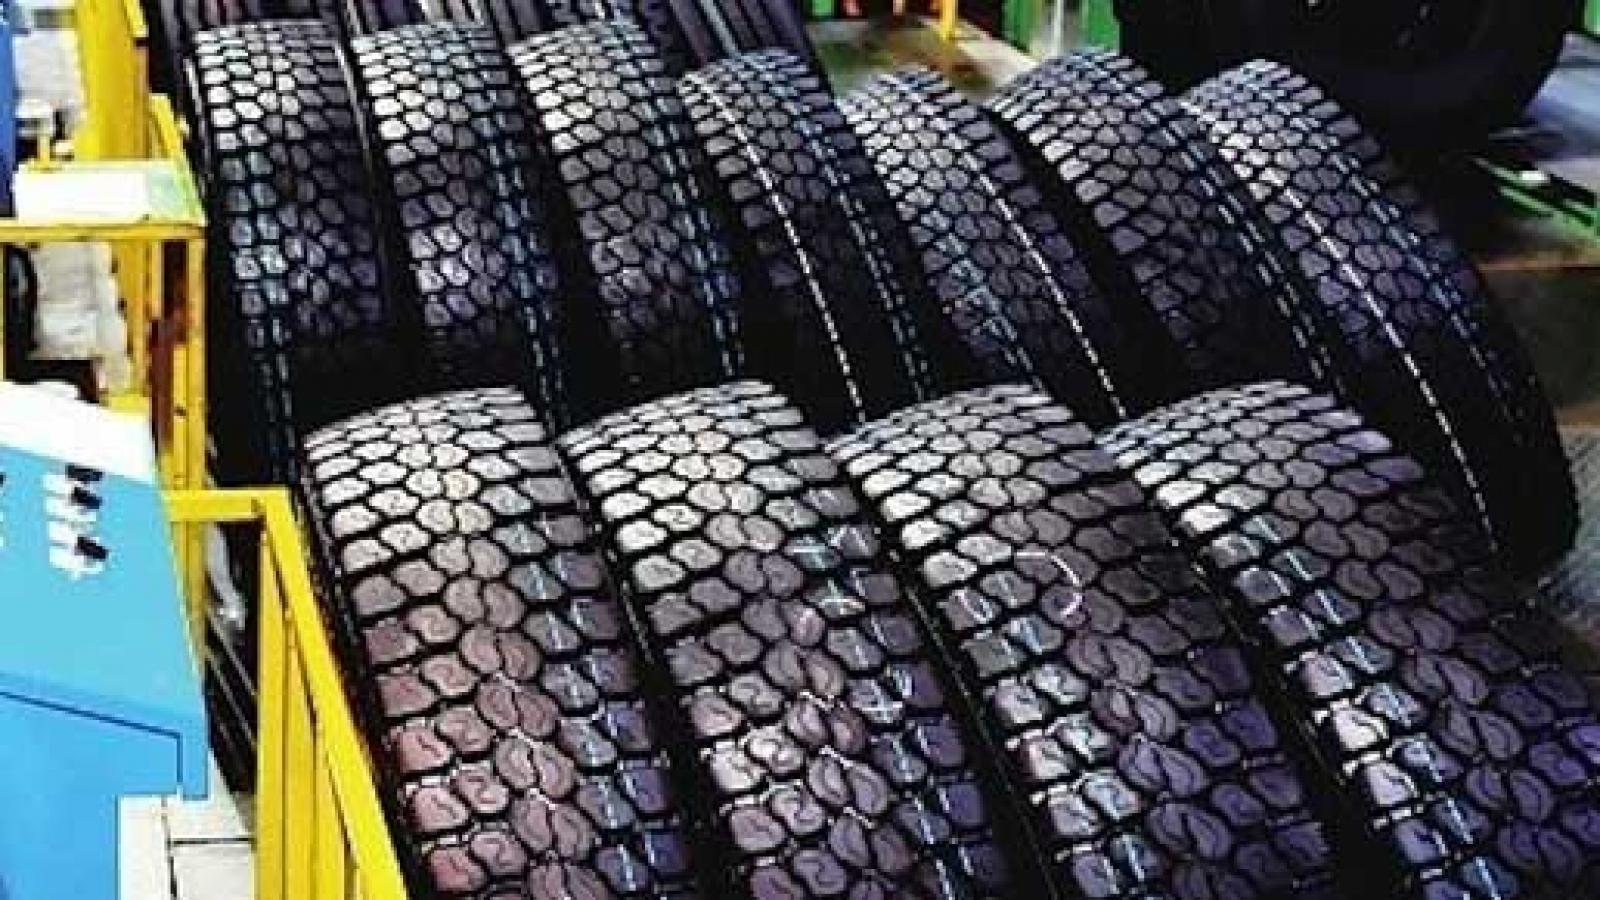 Mỹ giảm thuế trợ cấp đối với lốp xe ô tô nhập khẩu từ Việt Nam